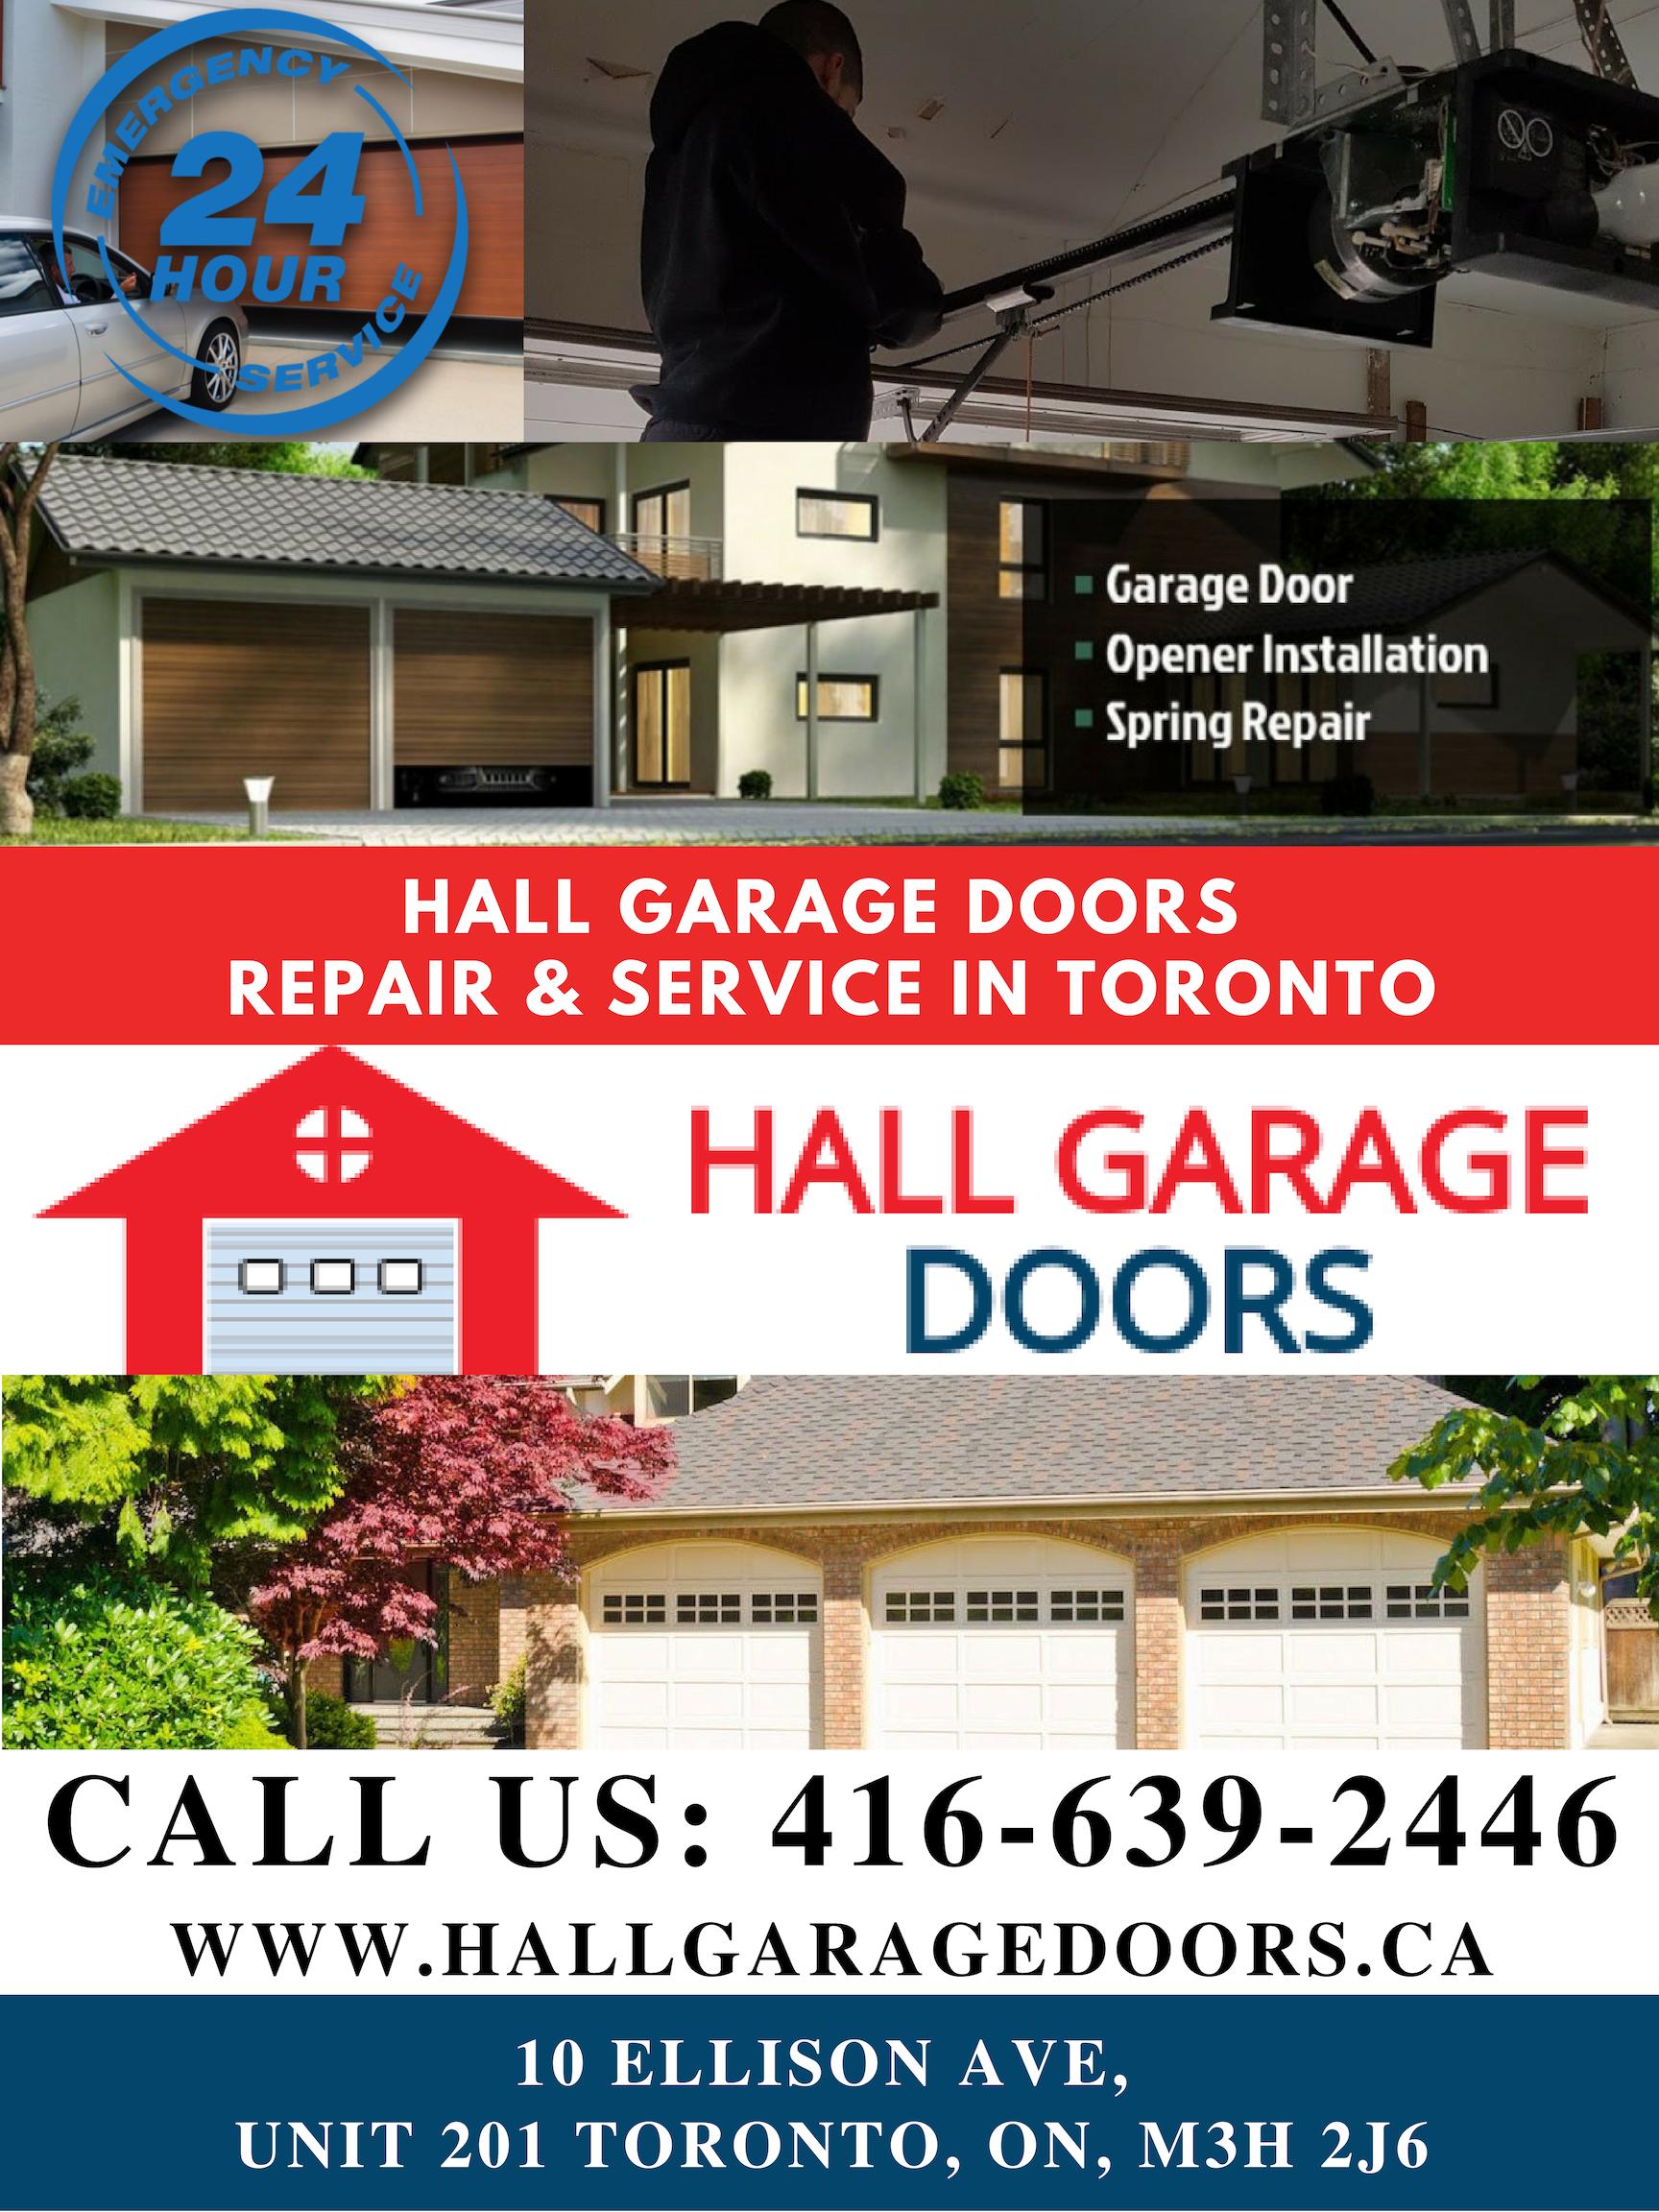 Hall Garage Doors Is The Leading Garage Door Company In Toronto Providing Garage Door Services Such As New Installation Garage Door Repair Garage Door Opener Installation Garage Doors